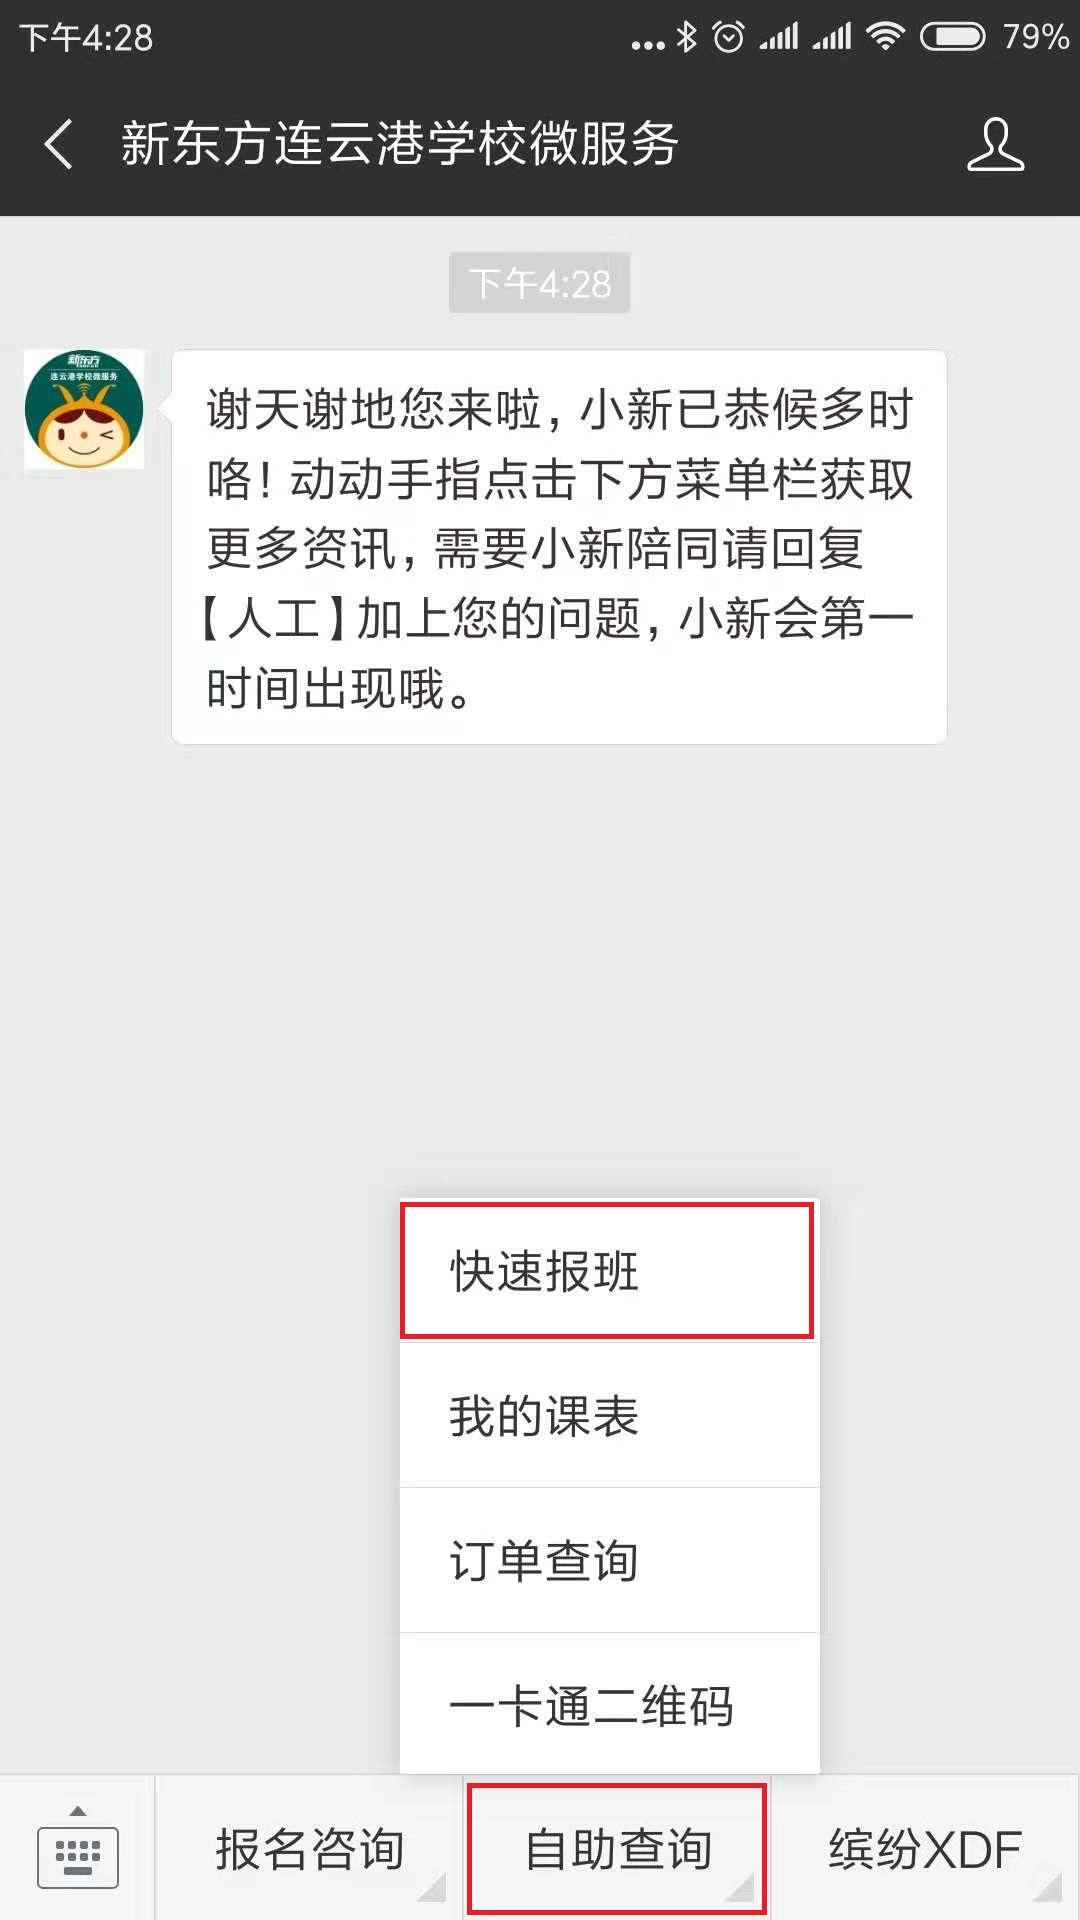 新东方连云港学校微服务